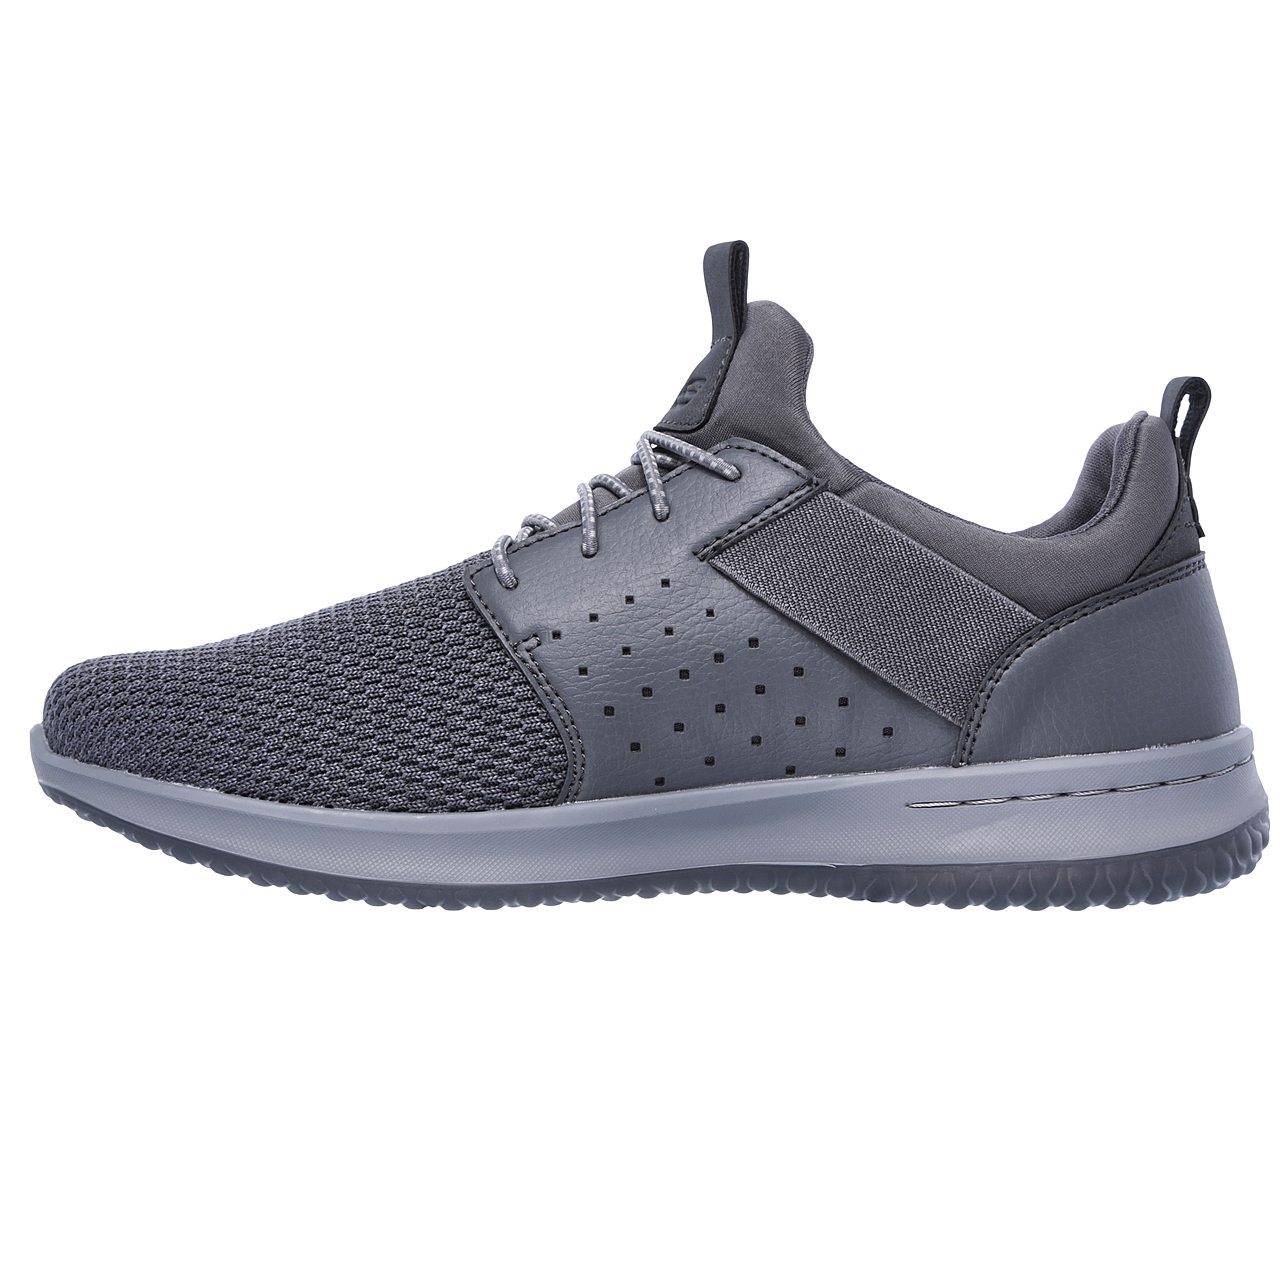 قیمت کفش مخصوص پیاده روی مردانه اسکچرز مدل 65474GRY